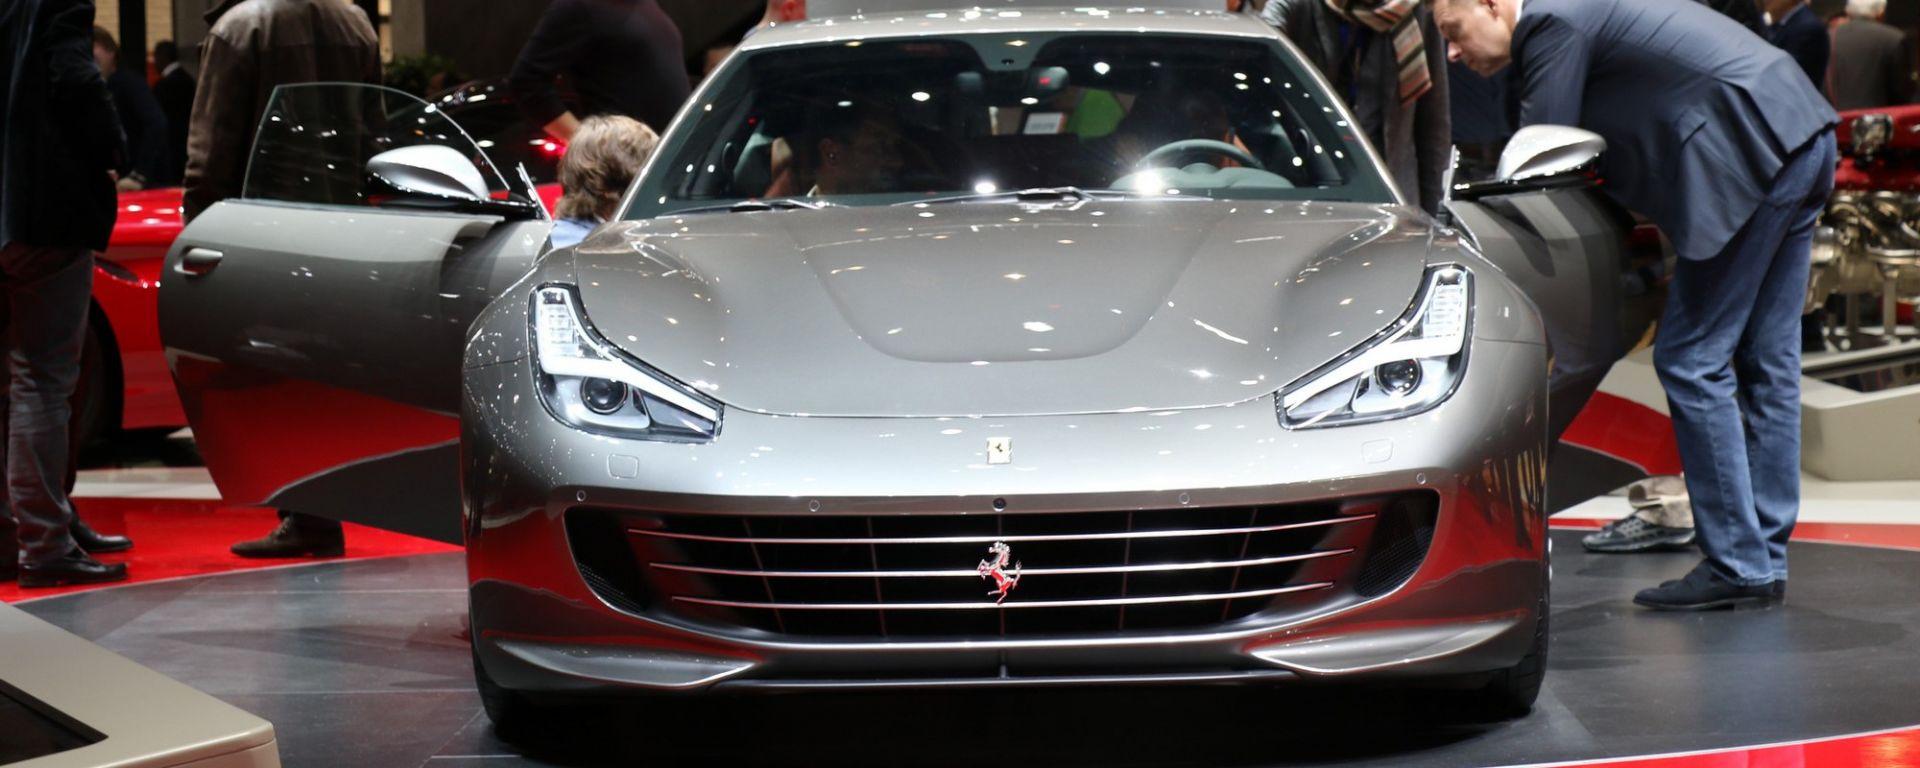 Ginevra 2016 - Notizie dalle Case: Ferrari